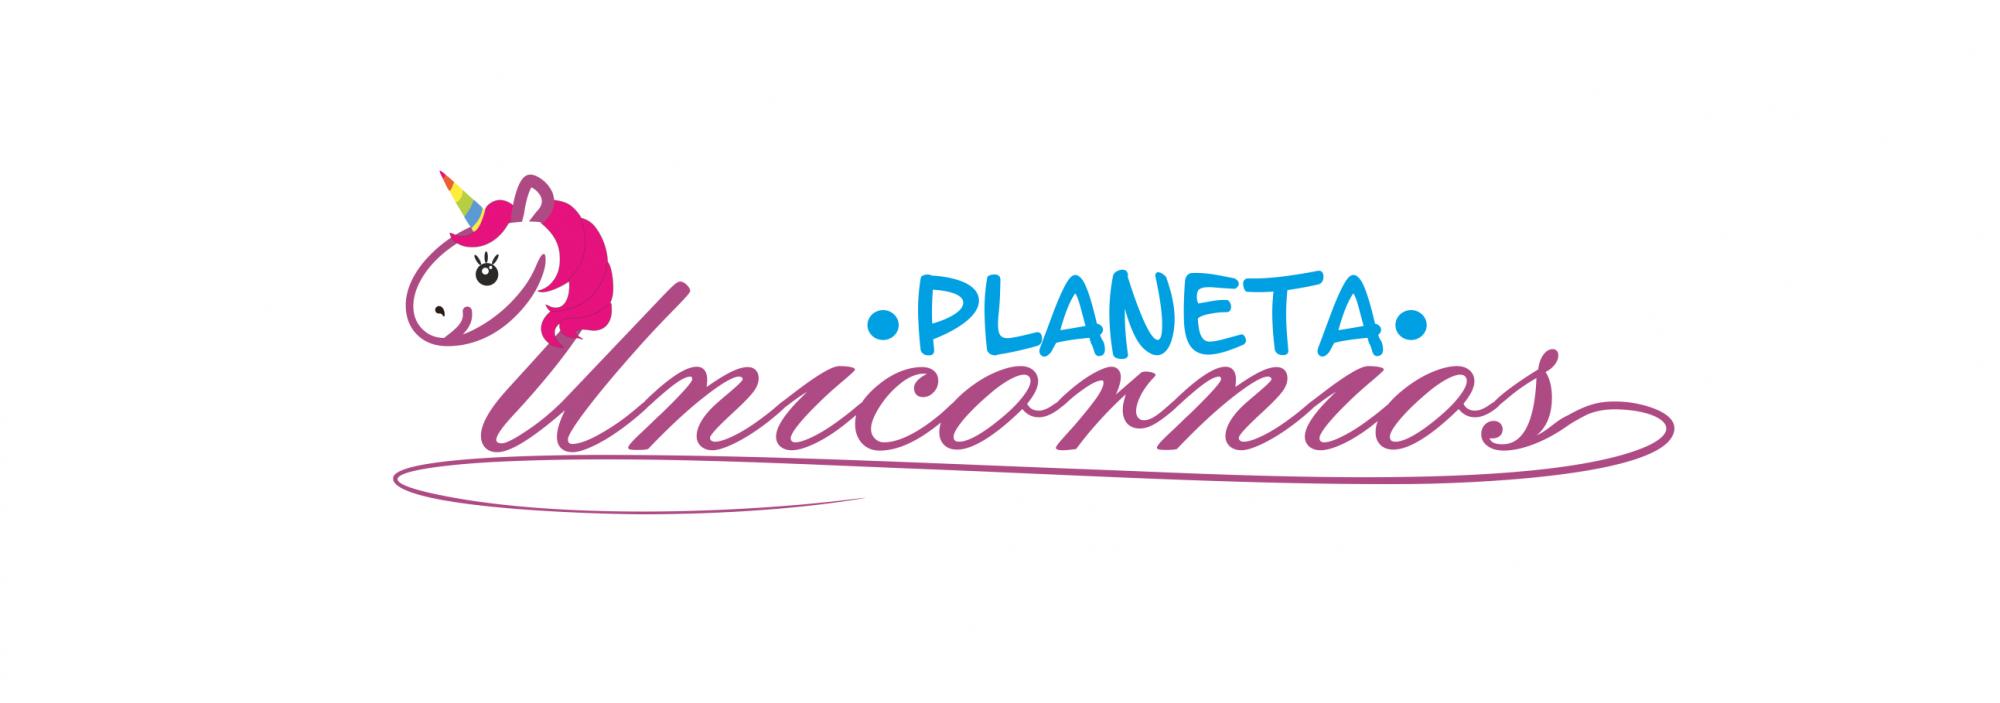 Planeta Unicornios